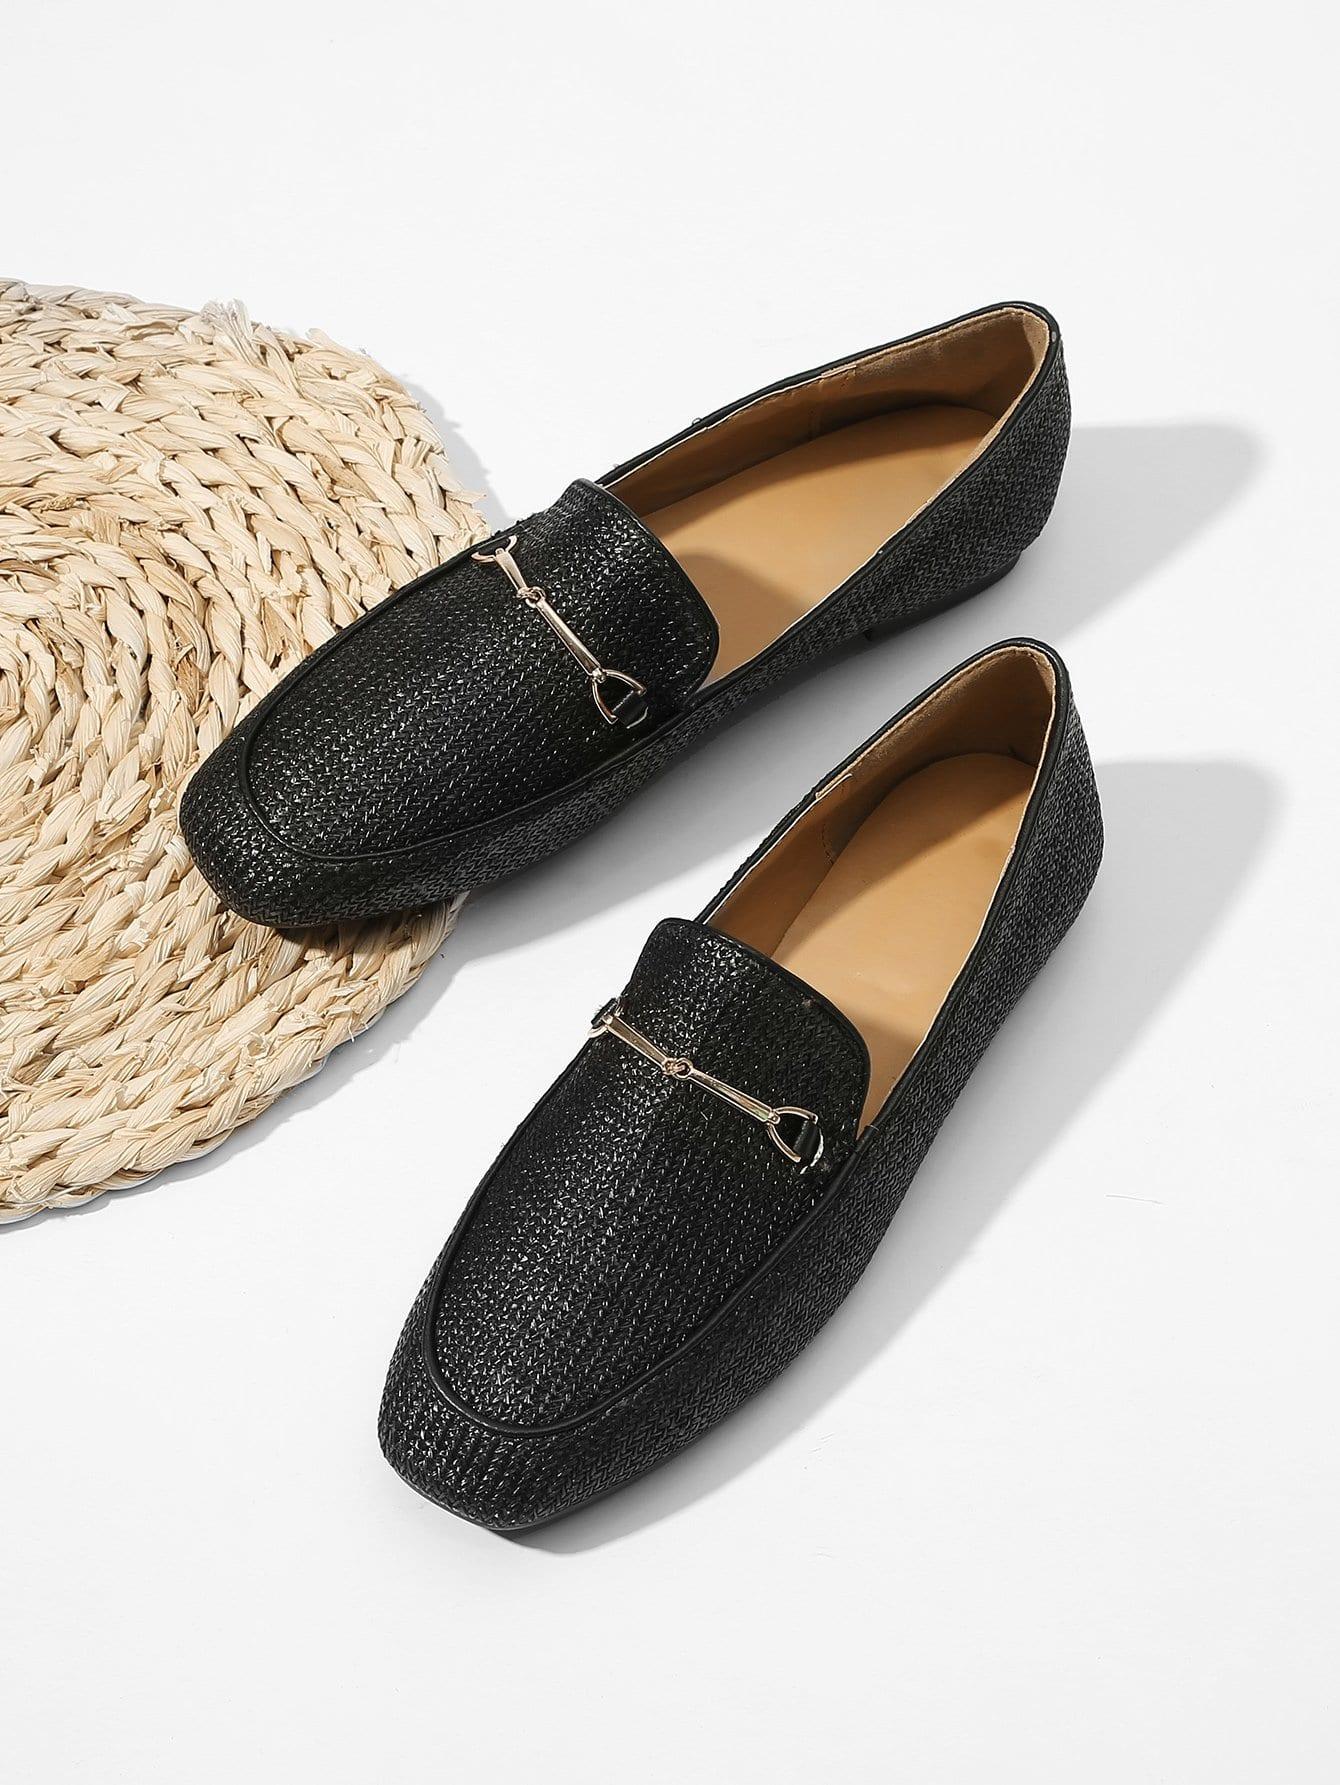 Купить Соломенные туфли на плоской подошве с украшением металла, null, SheIn